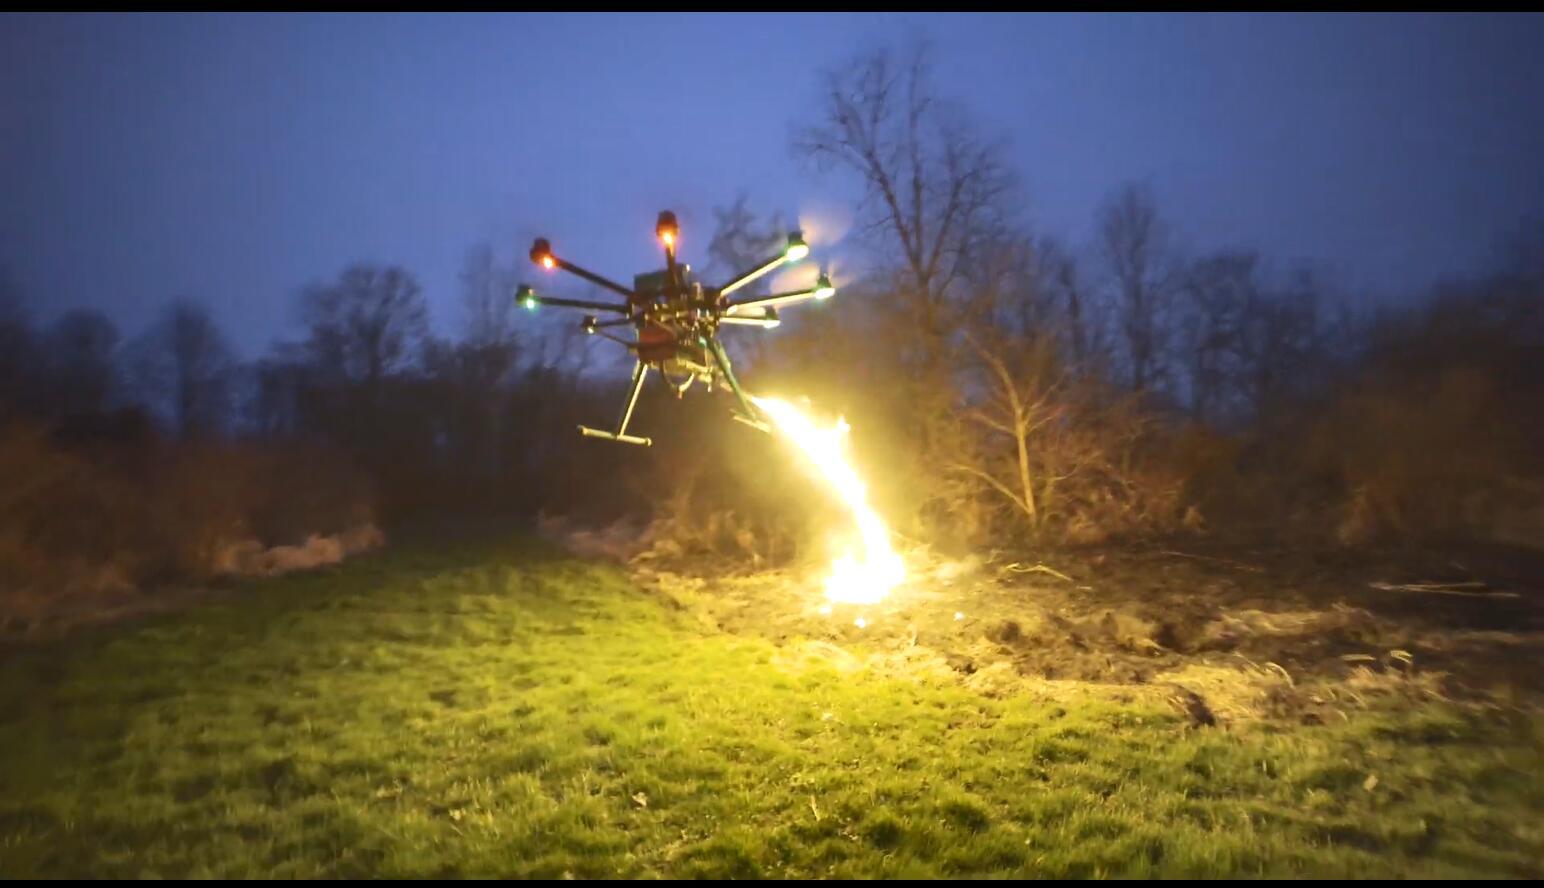 货真价实!火焰喷射器组件即将上架开卖 能喷100秒